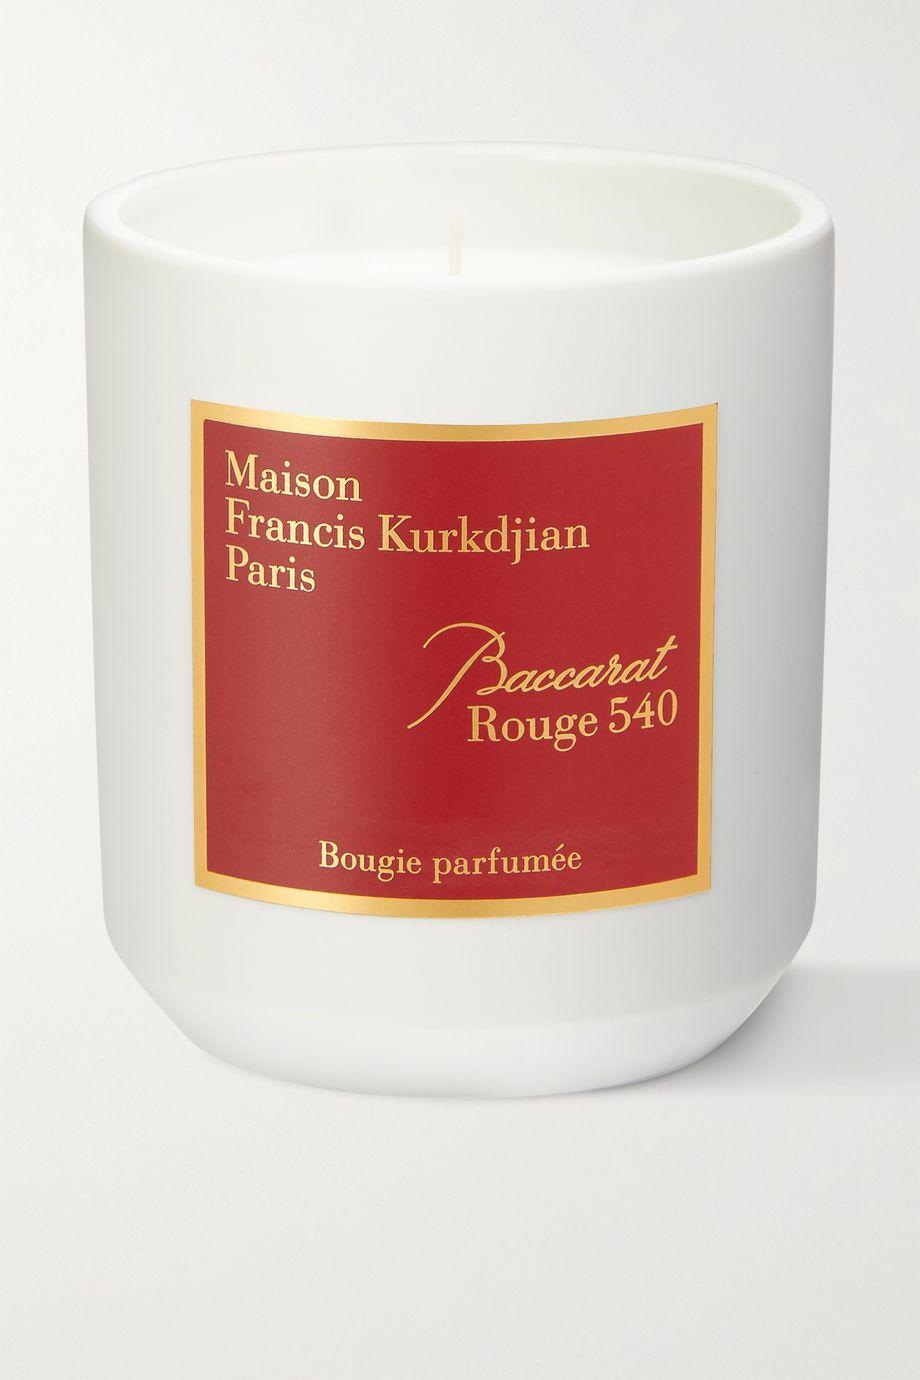 Maison Francis Kurkdjian Baccarat Rouge 540 Duftkerze, 280 g